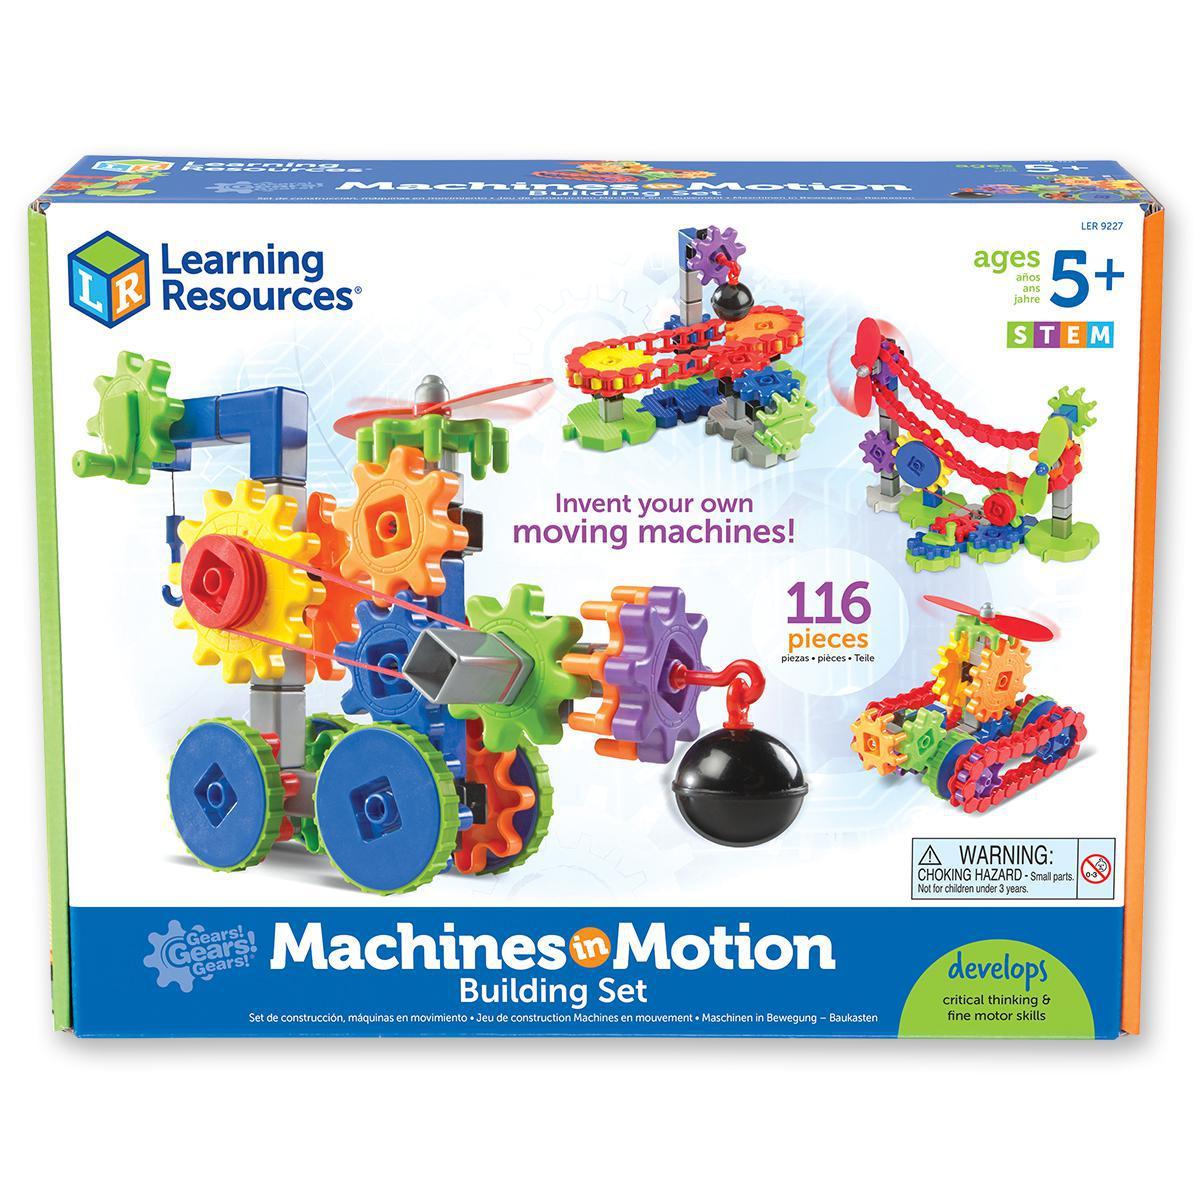 Ensemble Gears! Gears! Gears!® Machines en mouvement